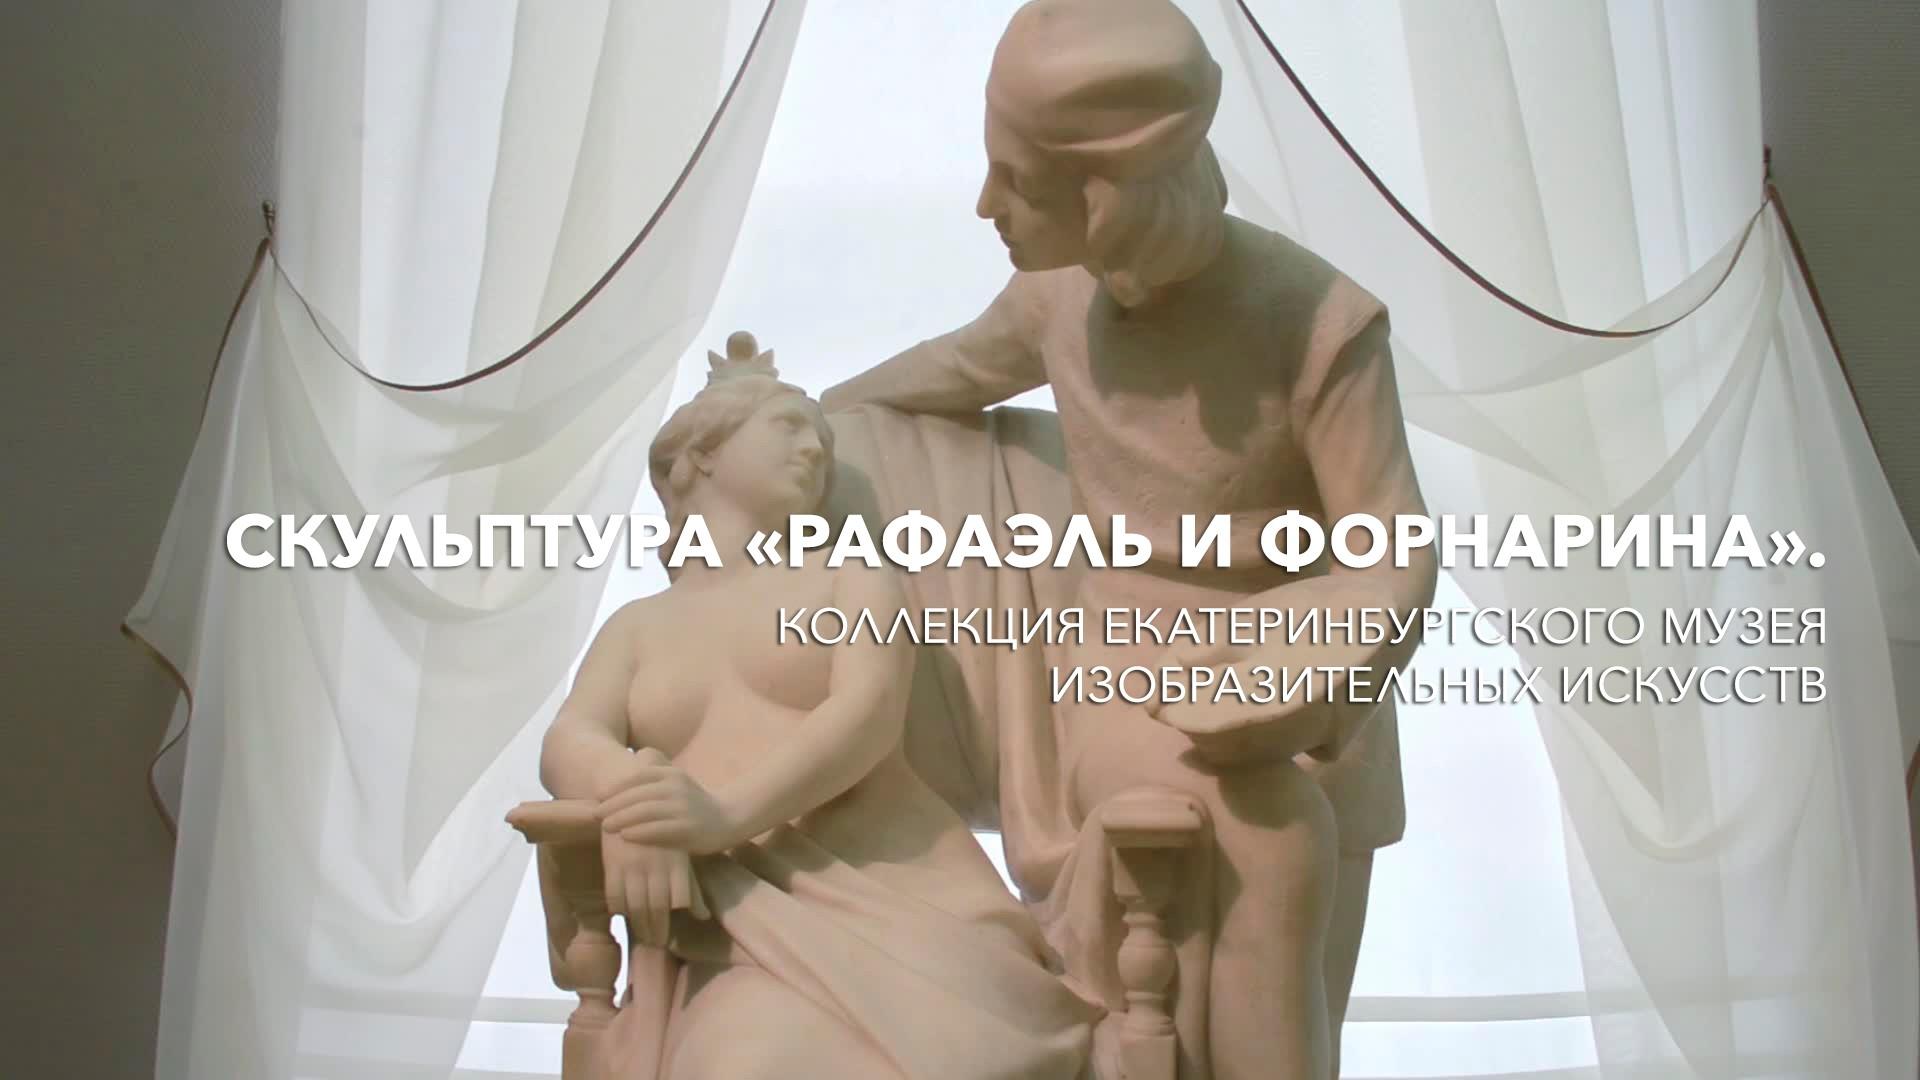 Скульптура «Рафаэль и Форнарина». Коллекция Екатеринбургского музея изобразительных искусств